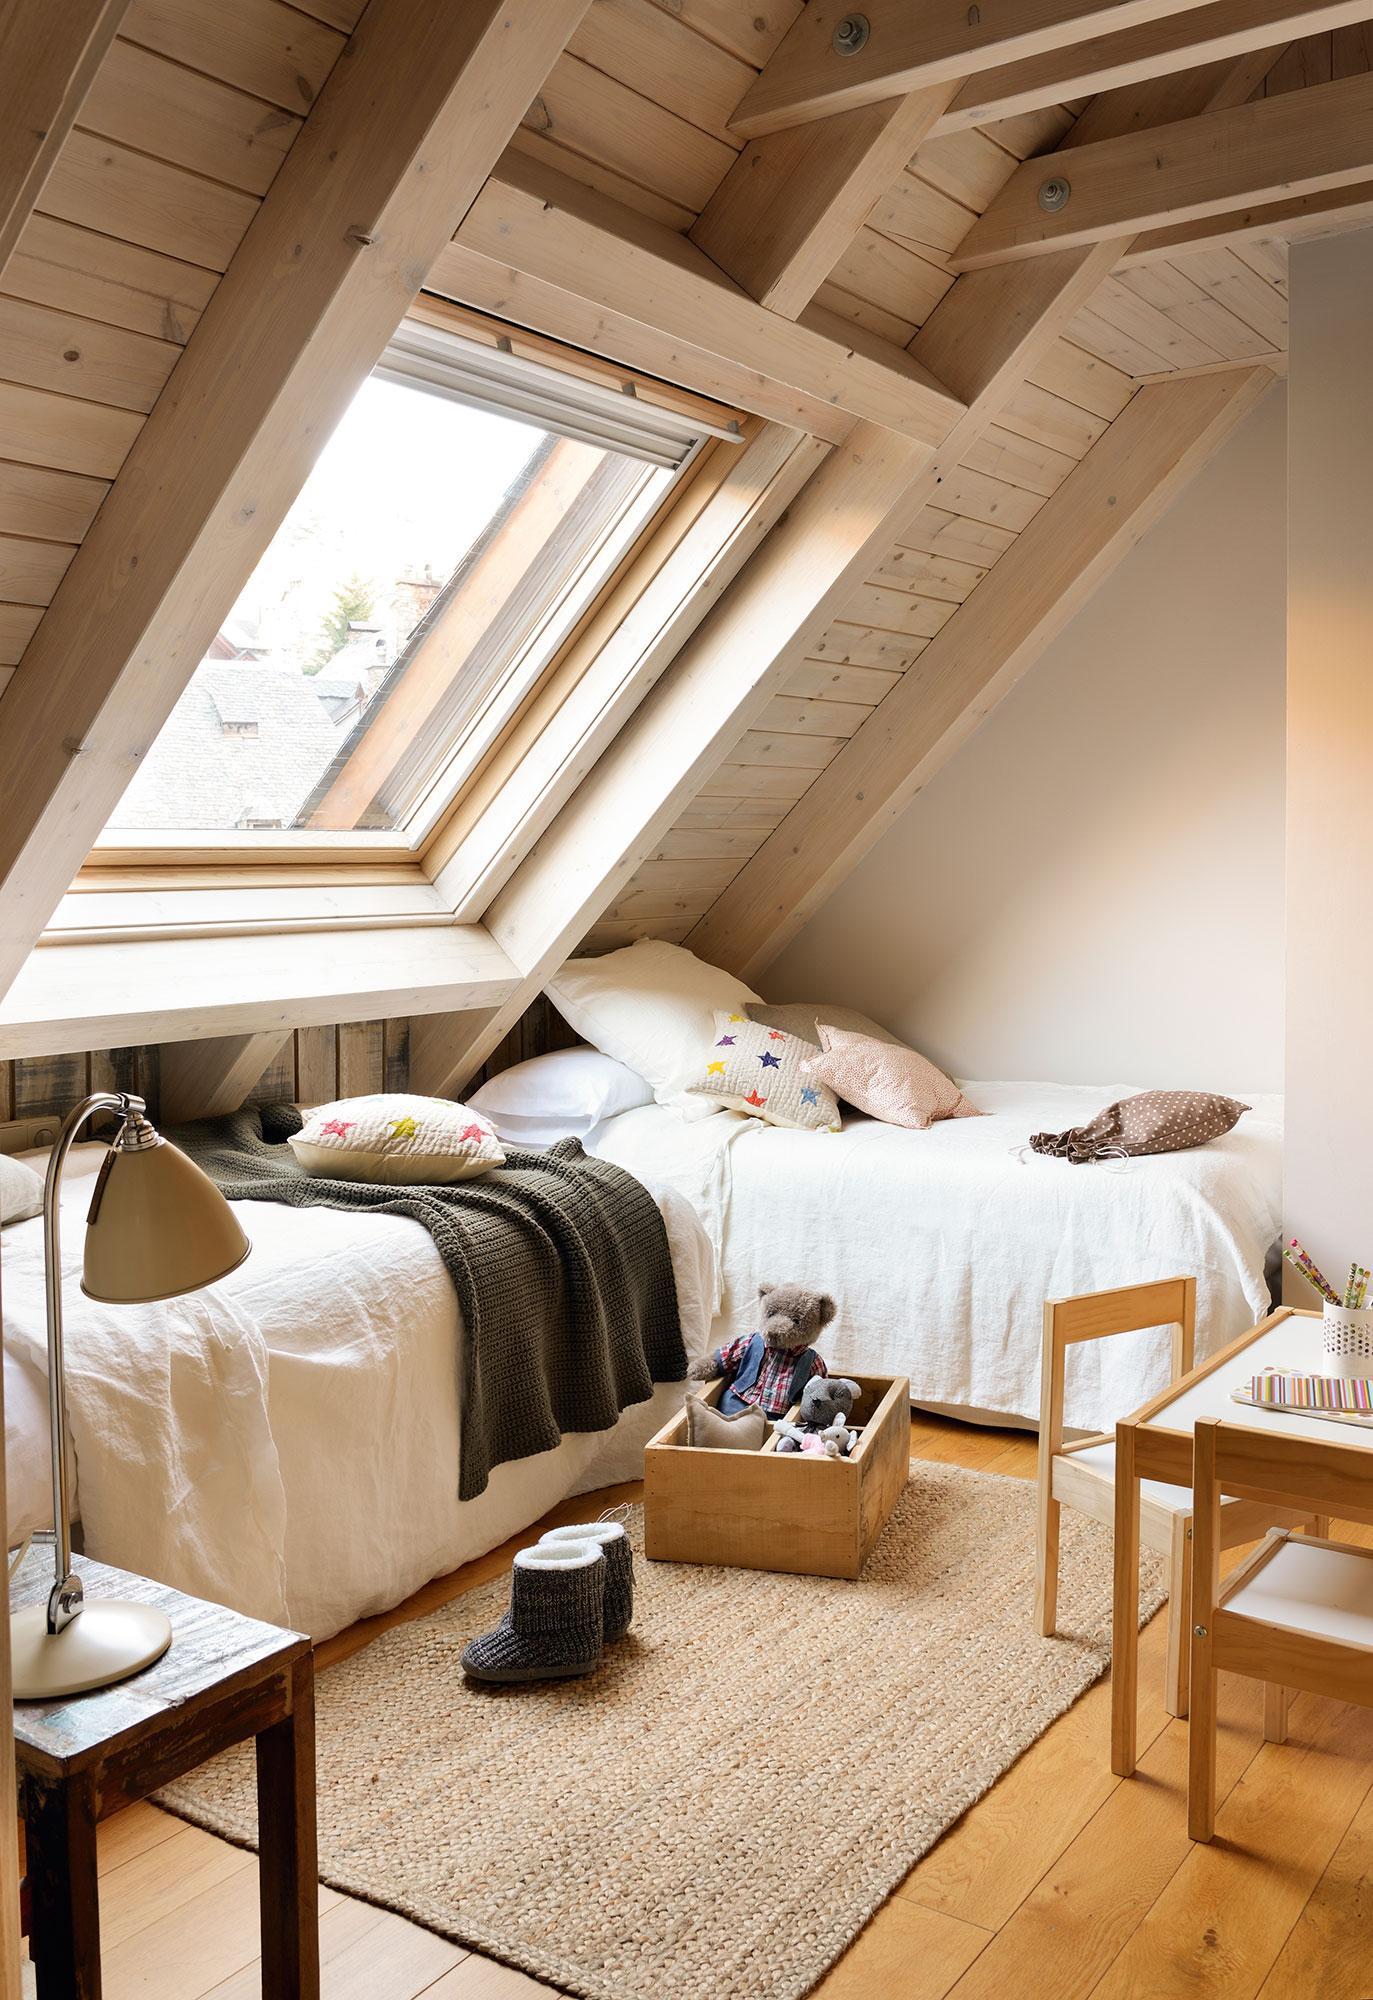 Dormitorio Infantil En Buhardilla De Montaña